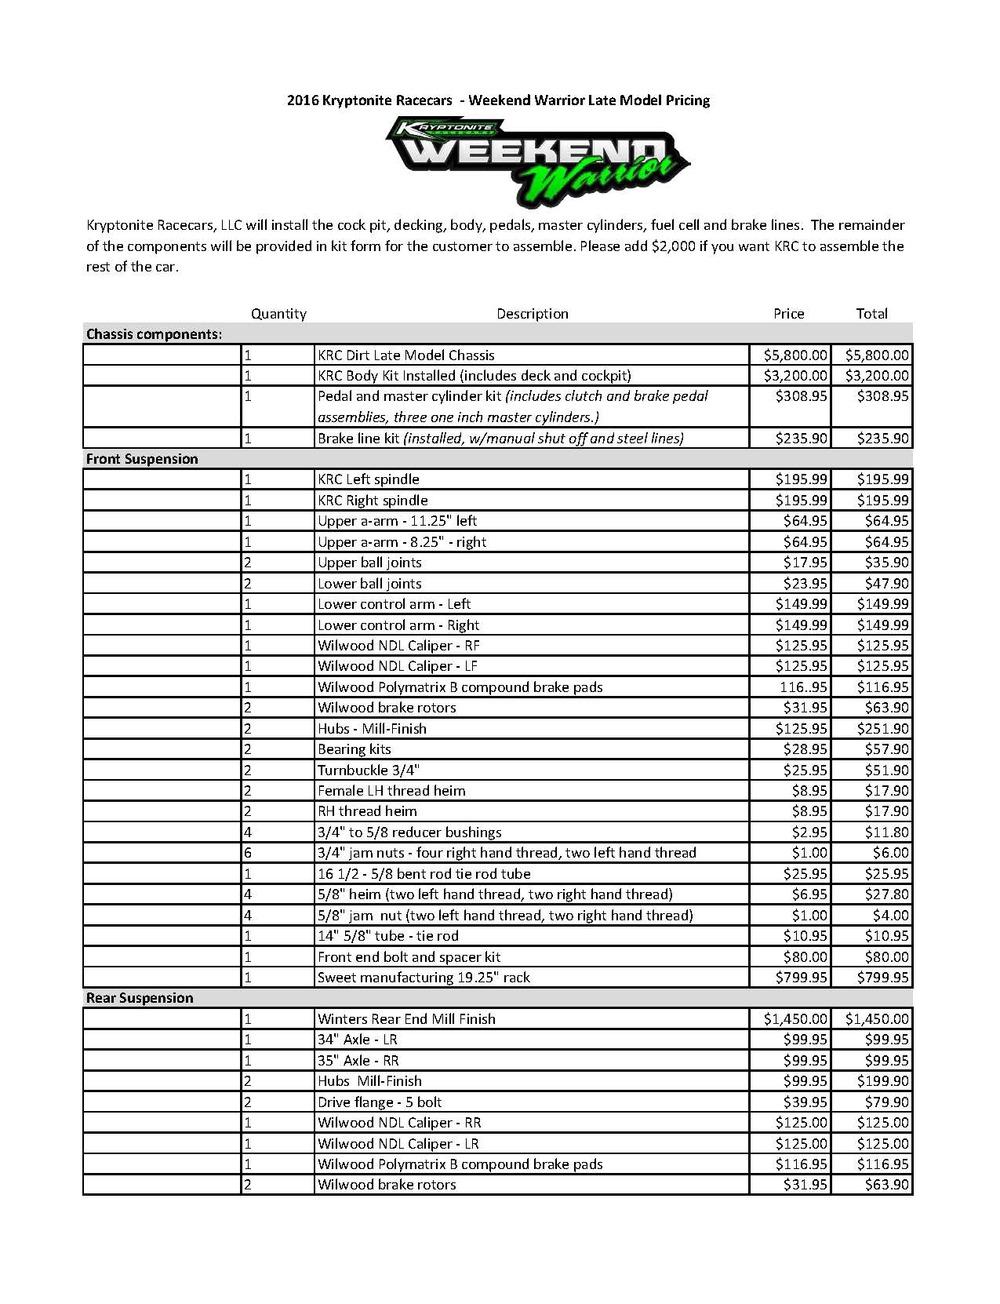 Pricing Weekend Warrior Kryptonite Racecars